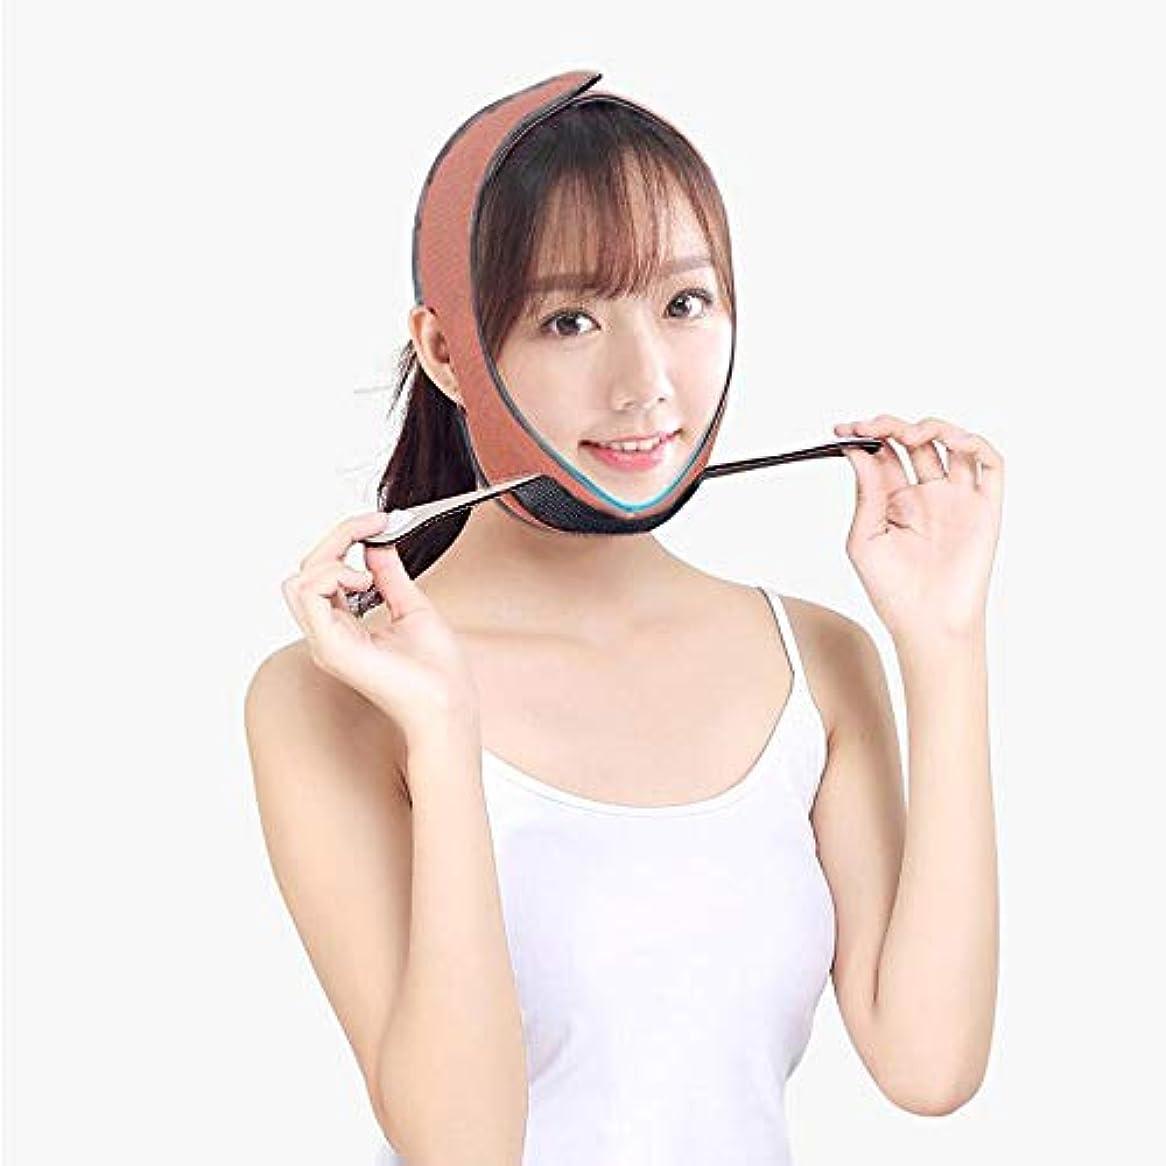 武装解除証拠後悔Jia Jia- フェイシャルリフティングスリミングベルト - 薄いフェイス包帯Vフェイス包帯マスクフェイシャルマッサージャー無料整形マスク顔と首の顔を引き締めますスリム 顔面包帯